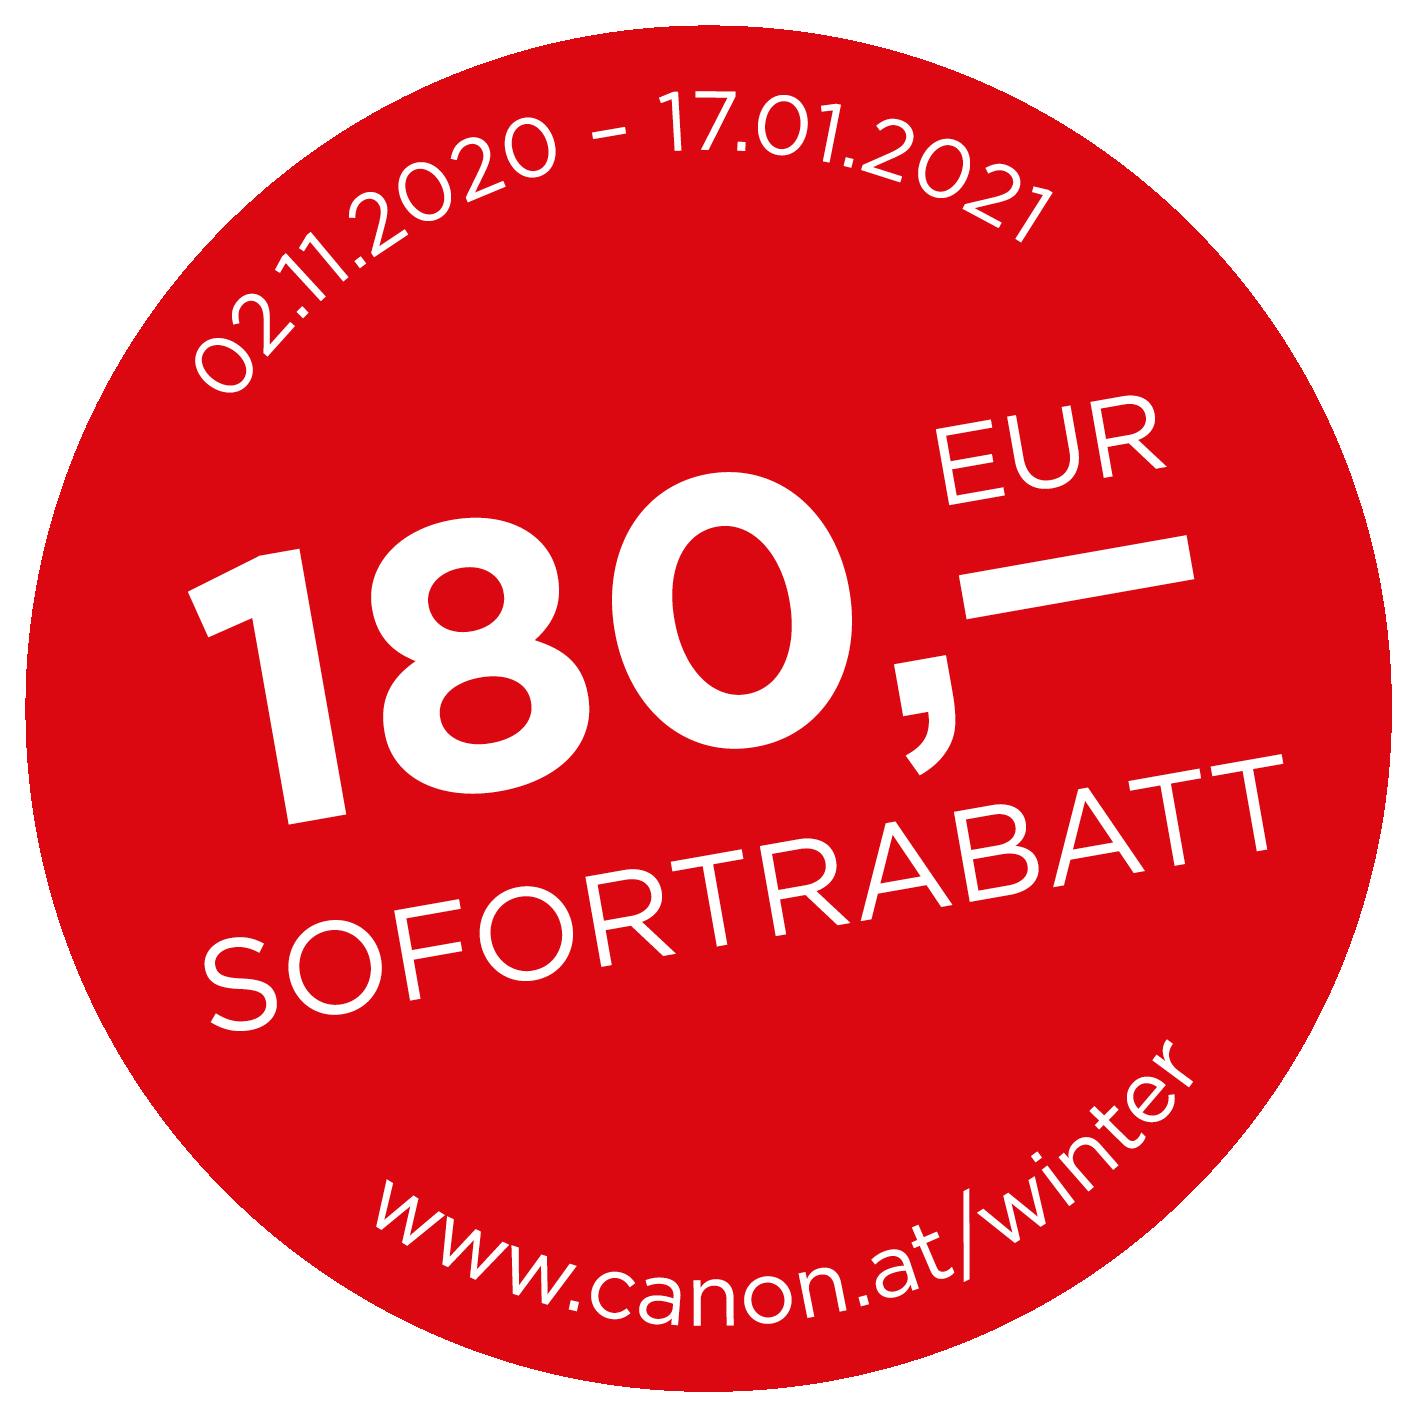 CANON_WINTER_180